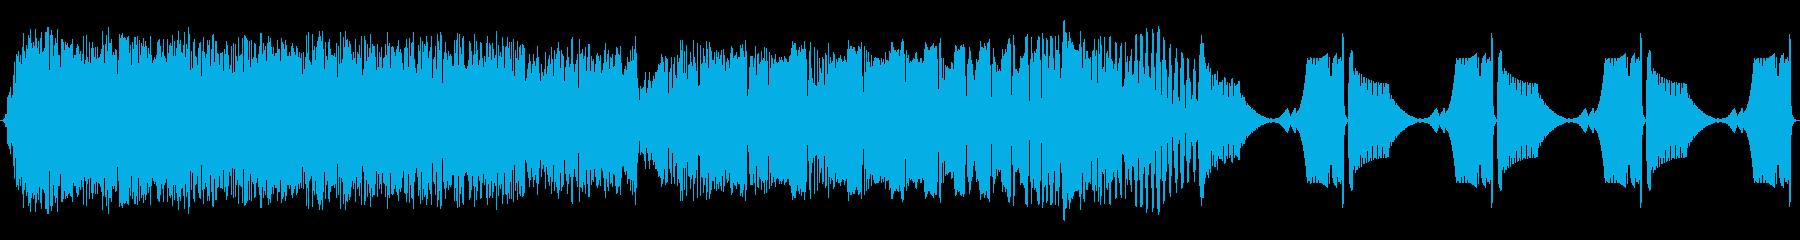 トランジットSci Fiバンパーの再生済みの波形